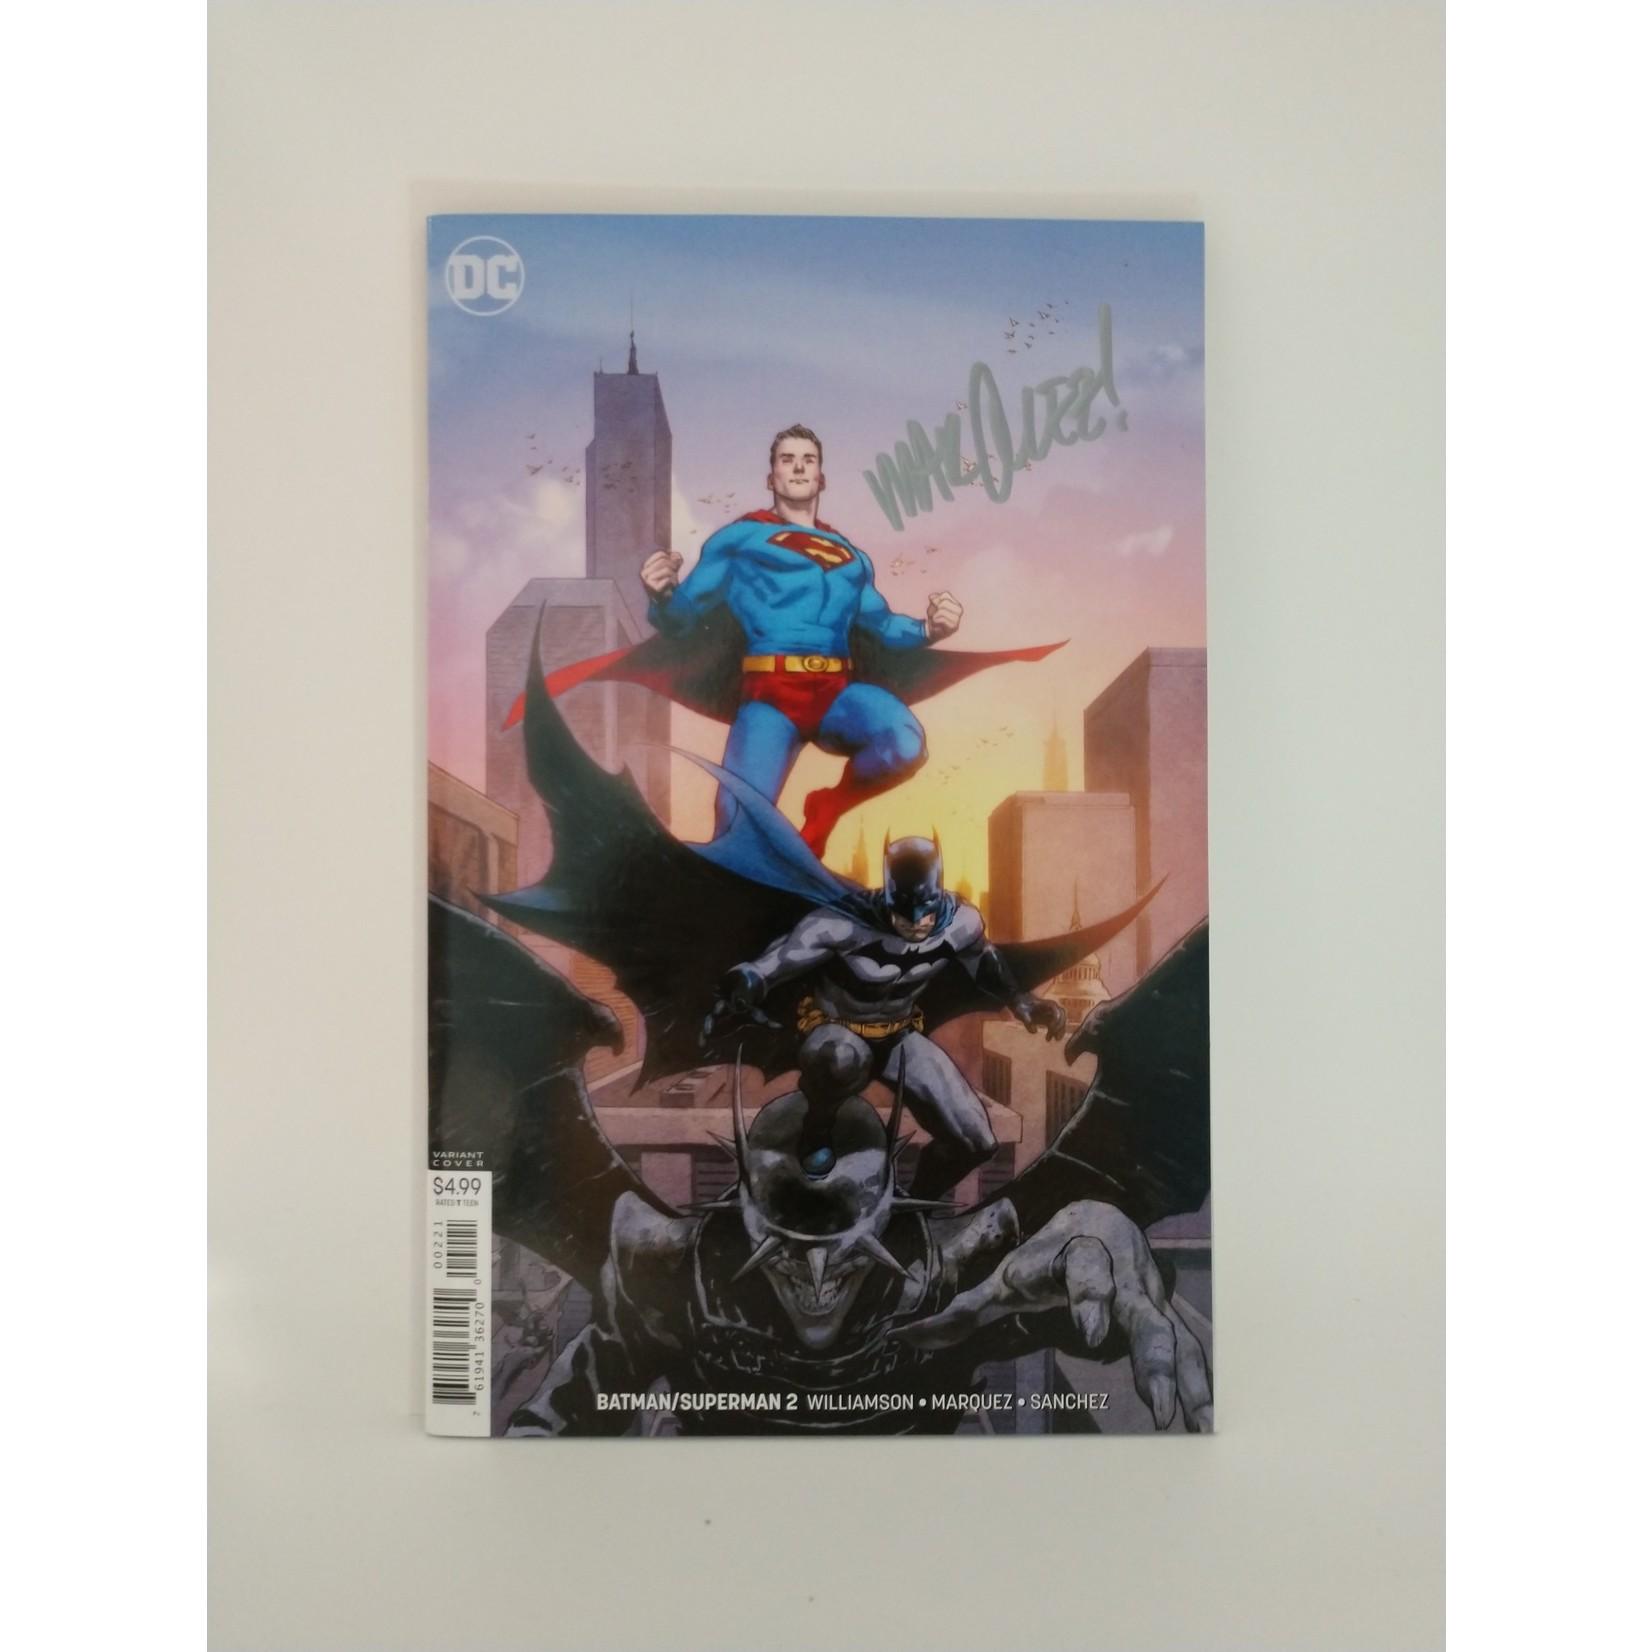 DC COMICS Batman vs Superman #2, Marquez signed, variant cover